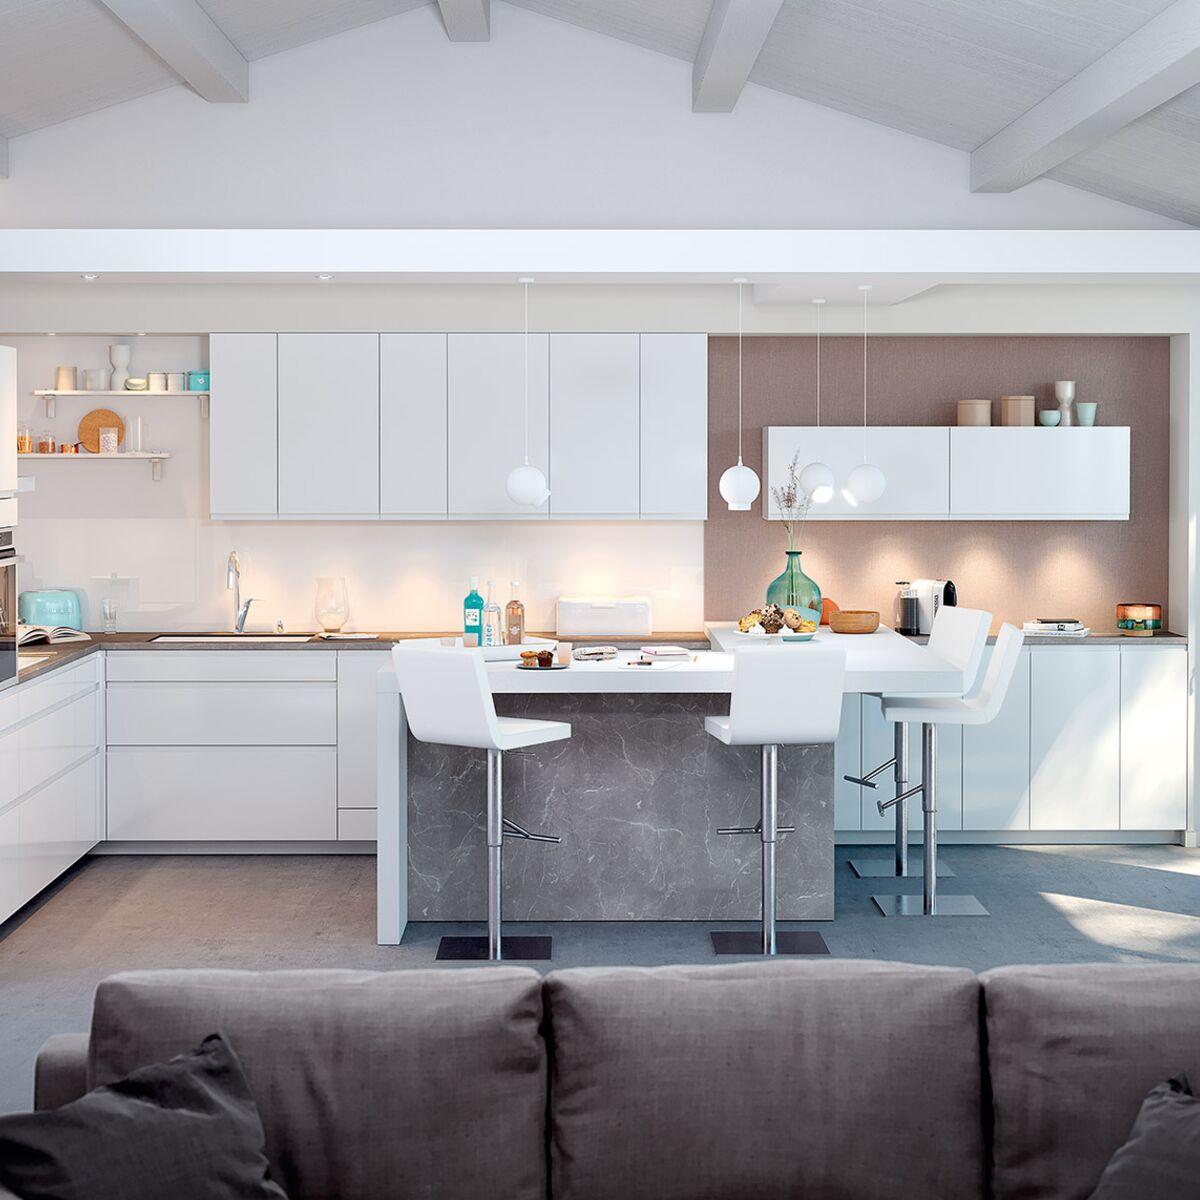 Comment Avoir Une Chambre Propre 4 astuces pour avoir une cuisine toujours bien rangée